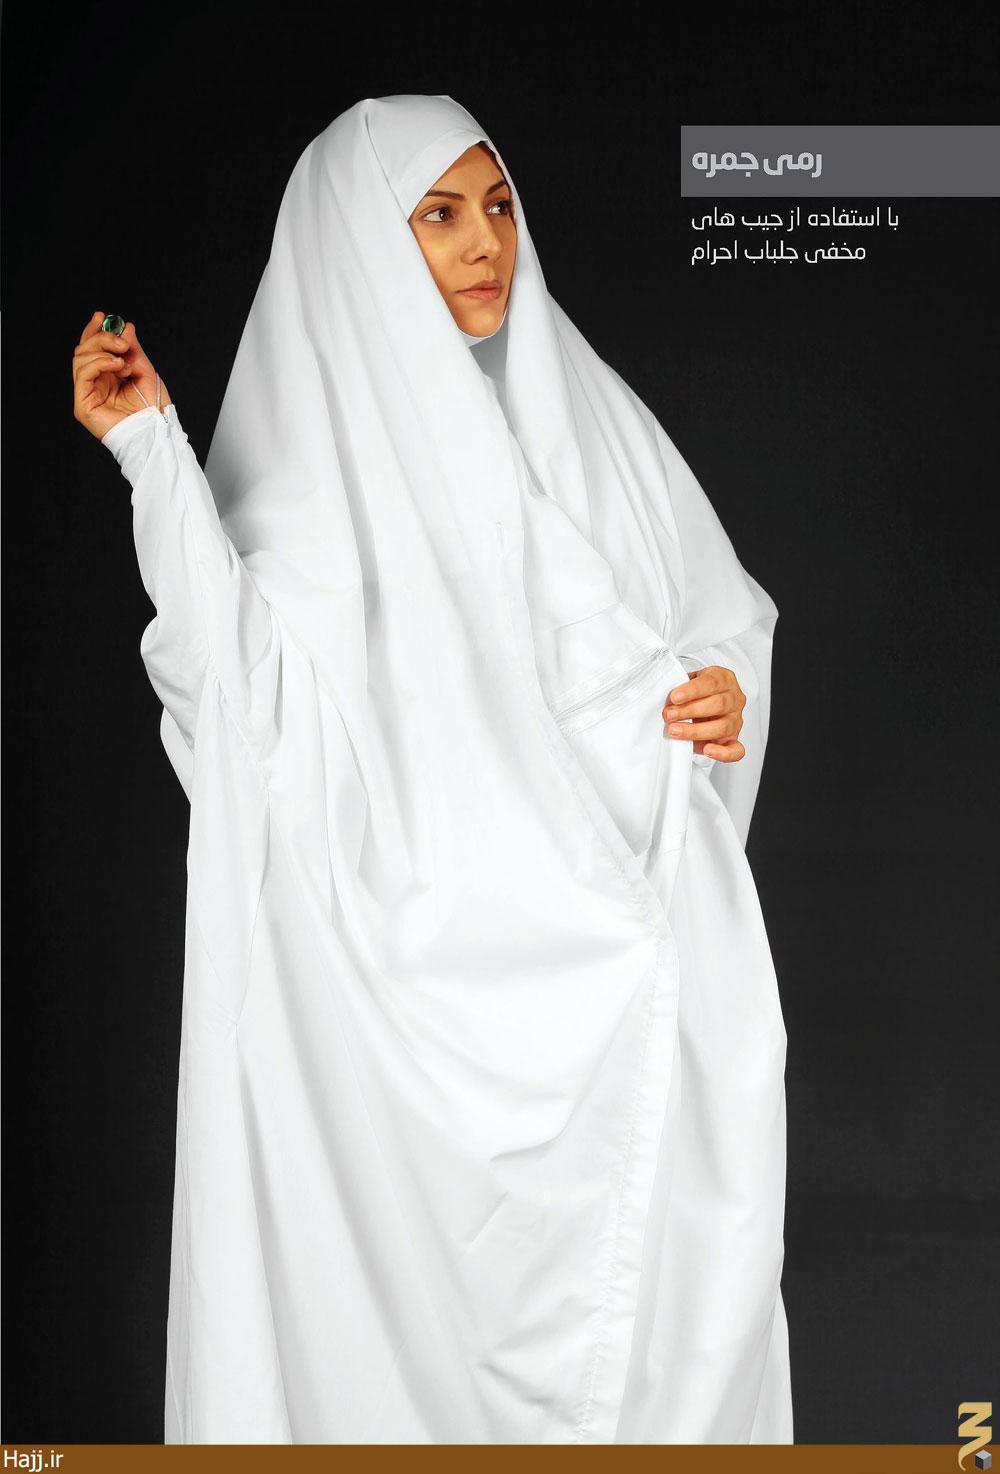 پوشش پيشنهادی برای بانوان مشرف به حج تمتع+ تصاویر